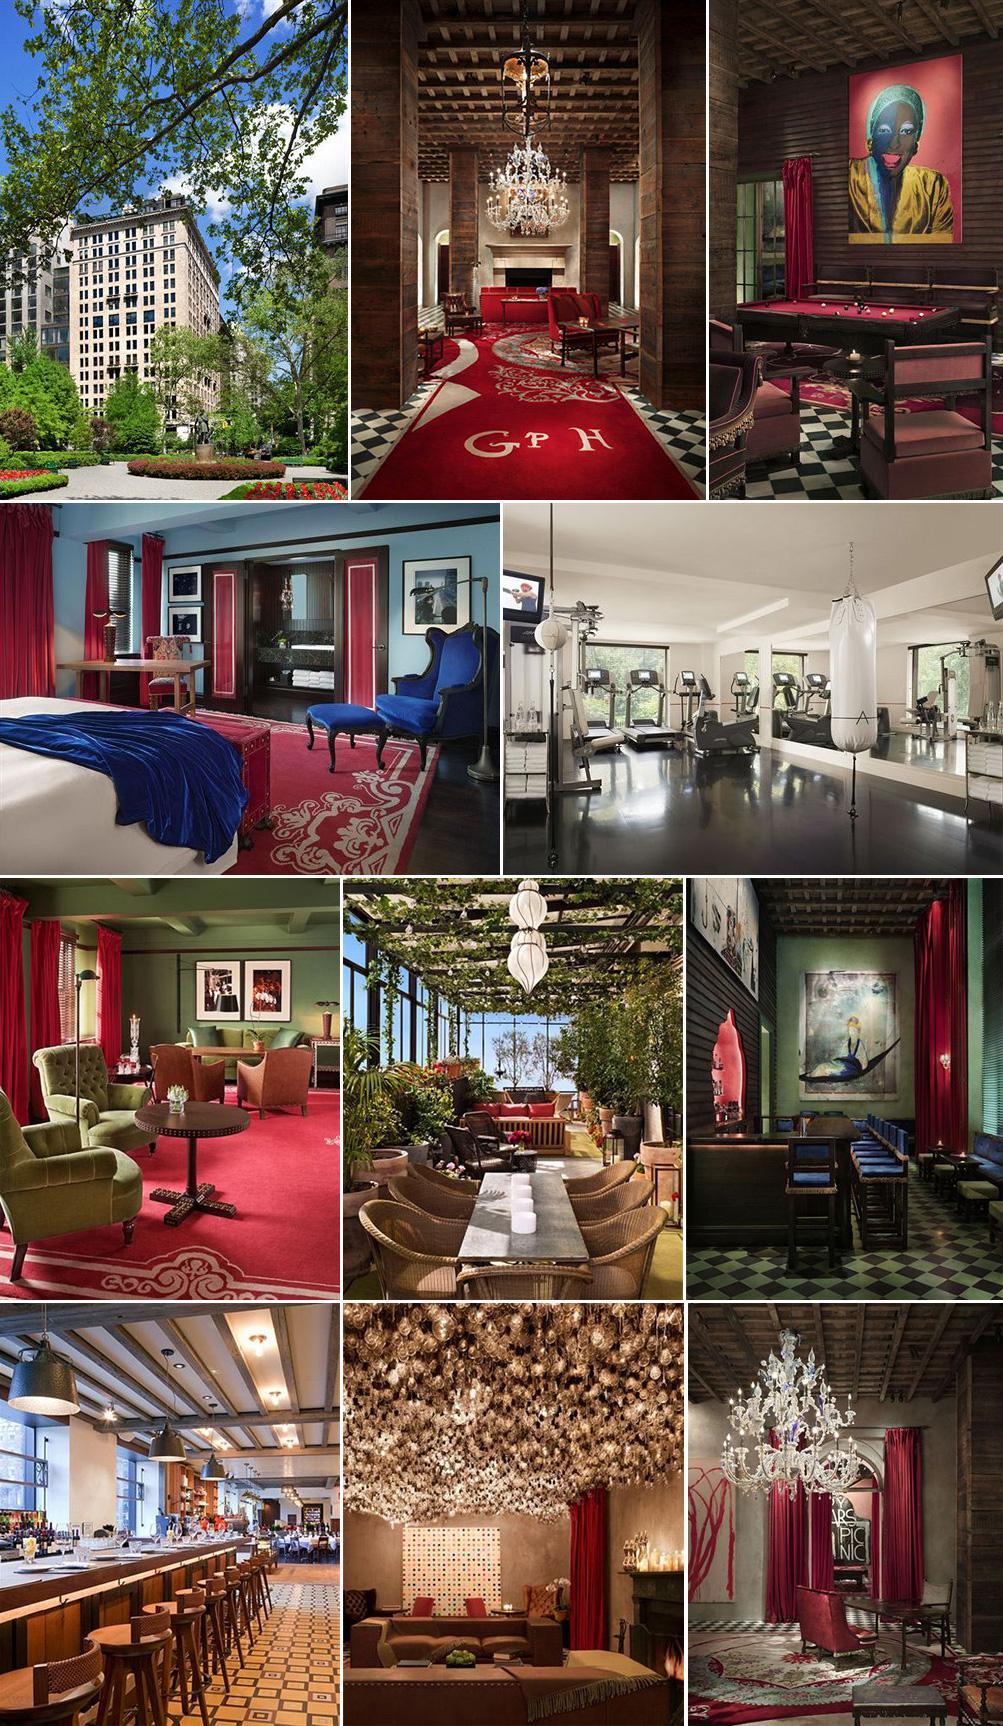 グラマシーパークホテル(Gramercy Park Hotel)